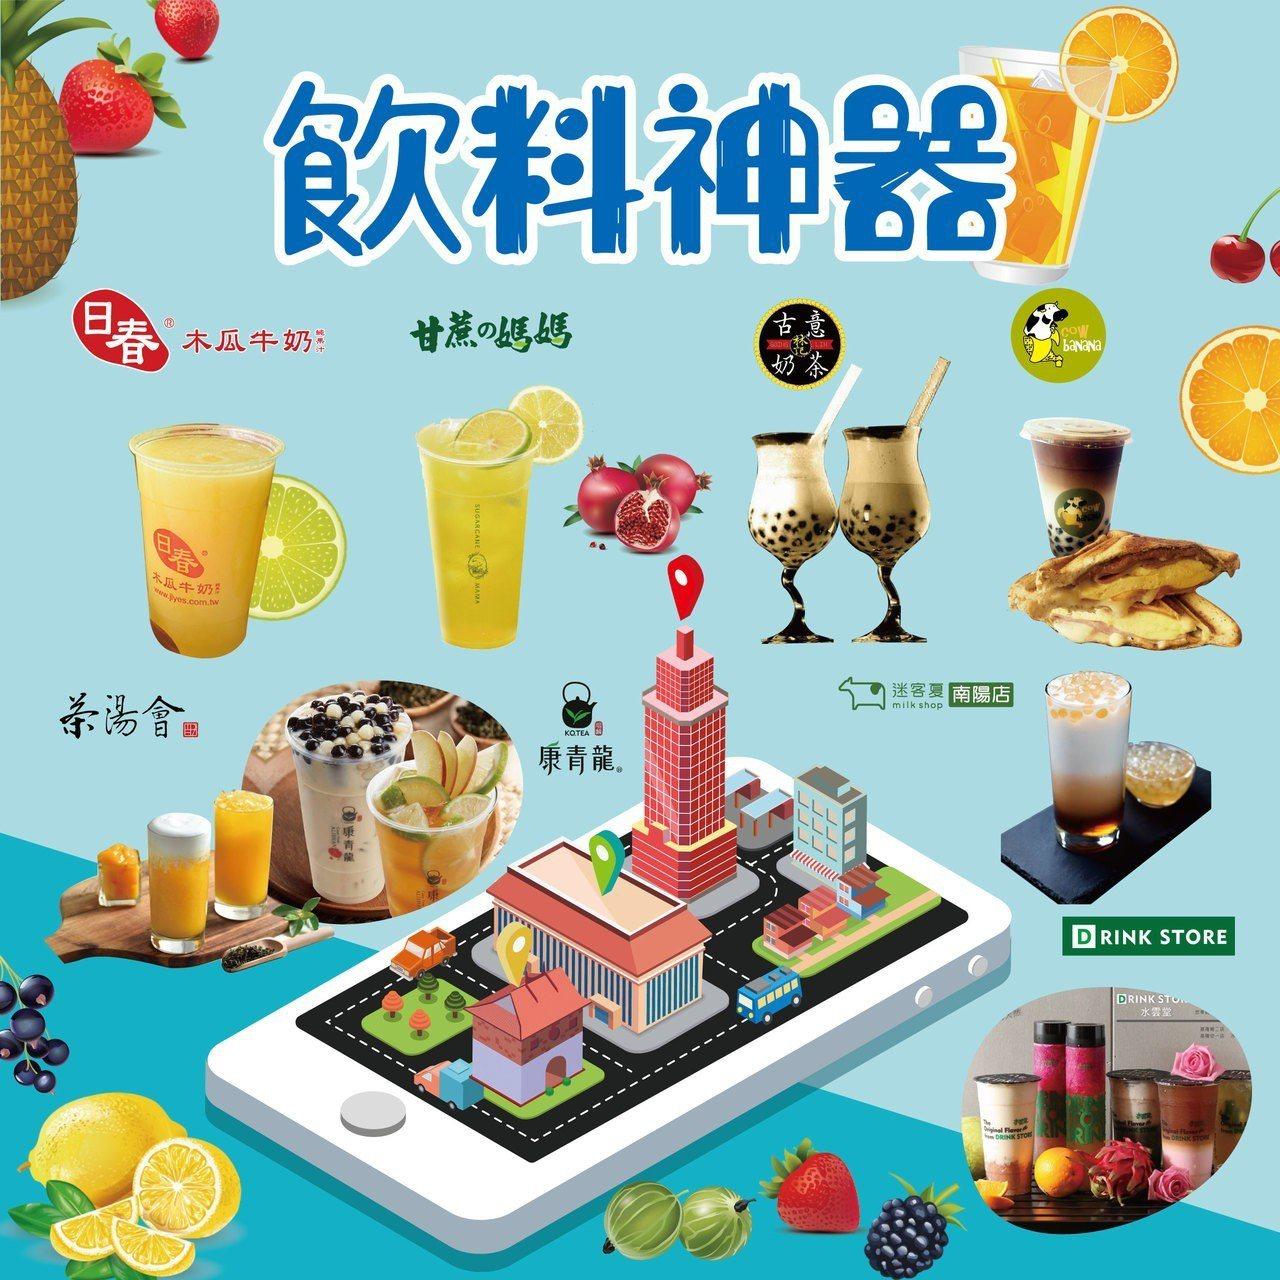 新光三越台北站前店推出商圈美食節,出示新光三越App享飲品優惠。圖/新光三越提供